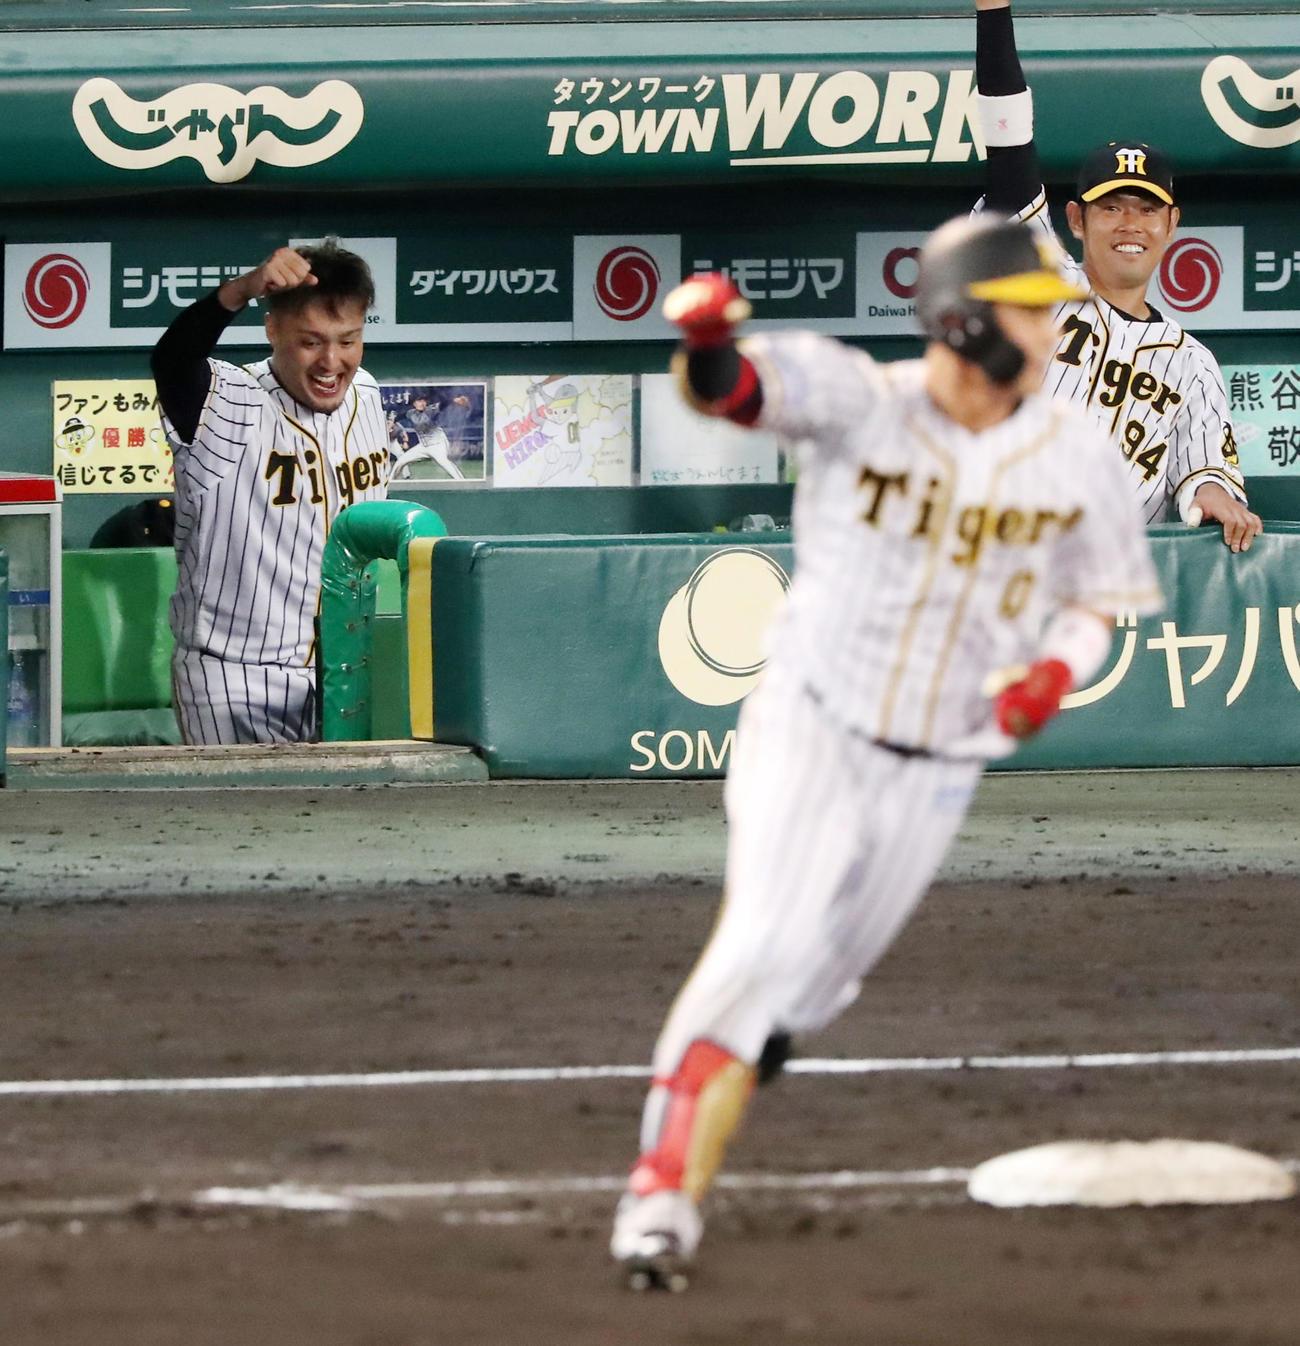 阪神対ヤクルト 6回裏阪神1死一塁、木浪の左越え2点本塁打にベンチでガッツポーズを見せる秋山(撮影・加藤哉)